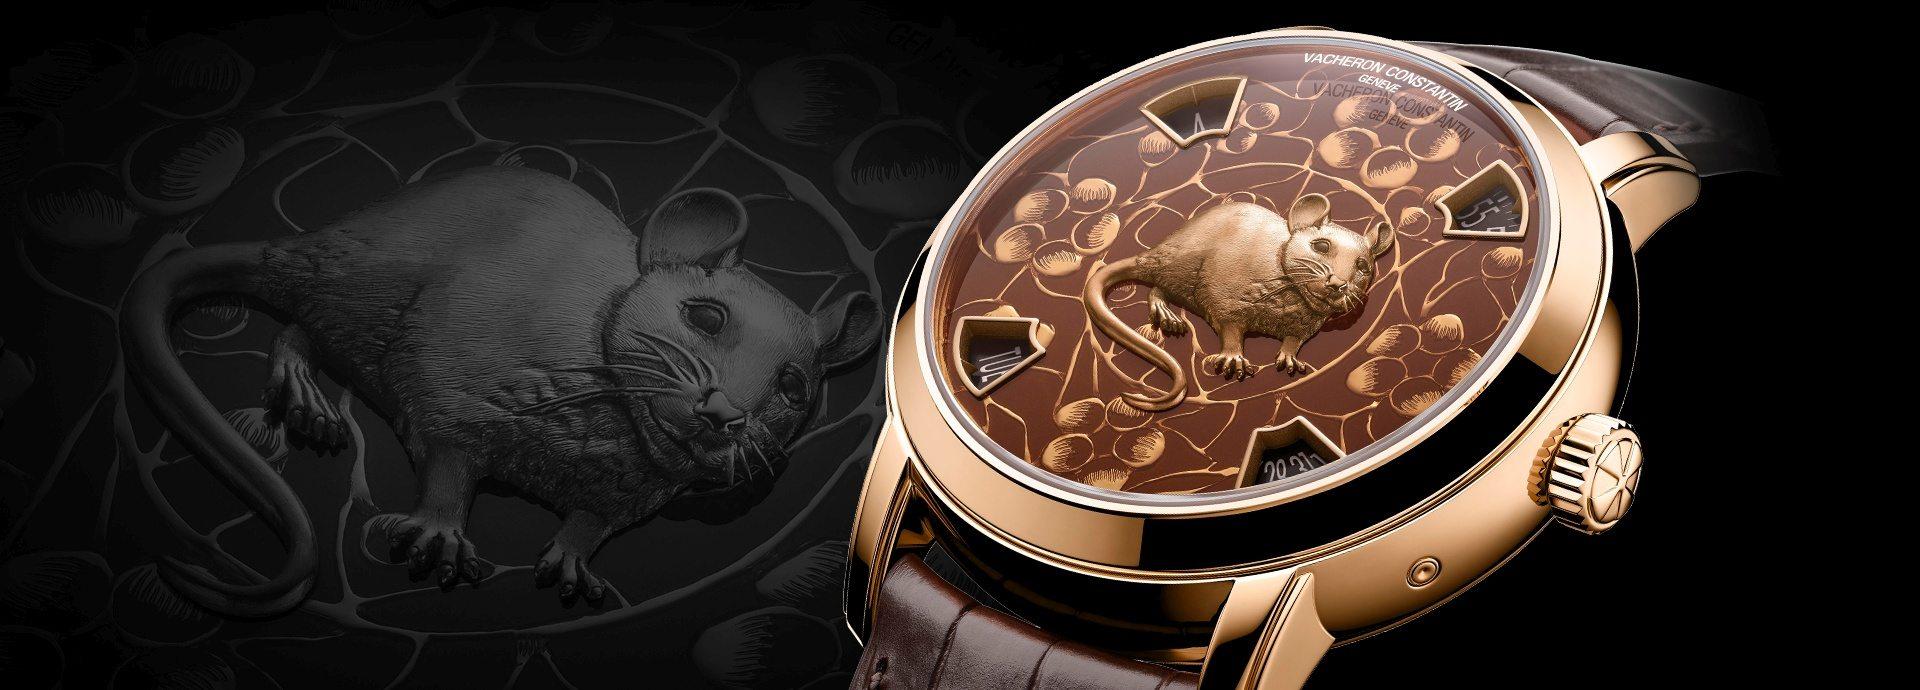 江詩丹頓Métiers d'Art 藝術大師系列The Legend of the Chinese Zodiac中國十二生肖傳奇之鼠年腕錶